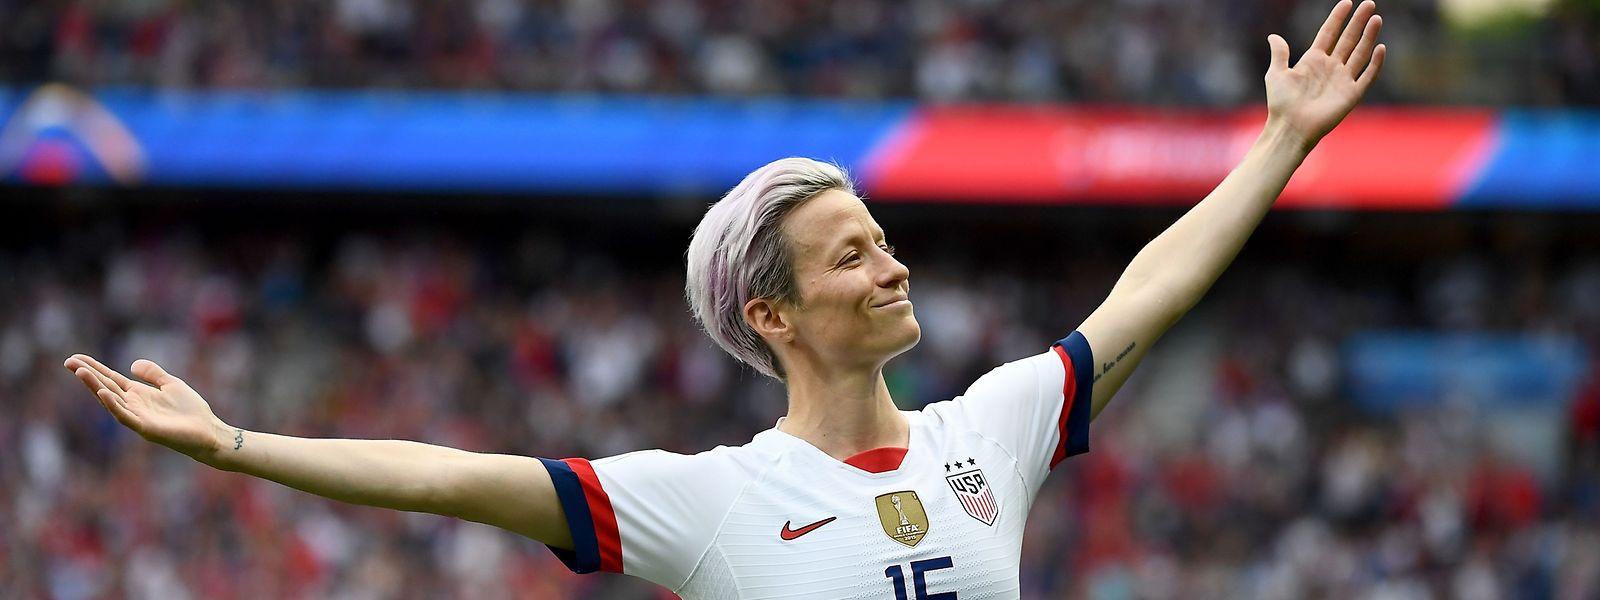 Chez les dames, l'Américaine Rapinoe, star du Mondial 2019 survolé par la «Team USA», fait figure d'immense favorite